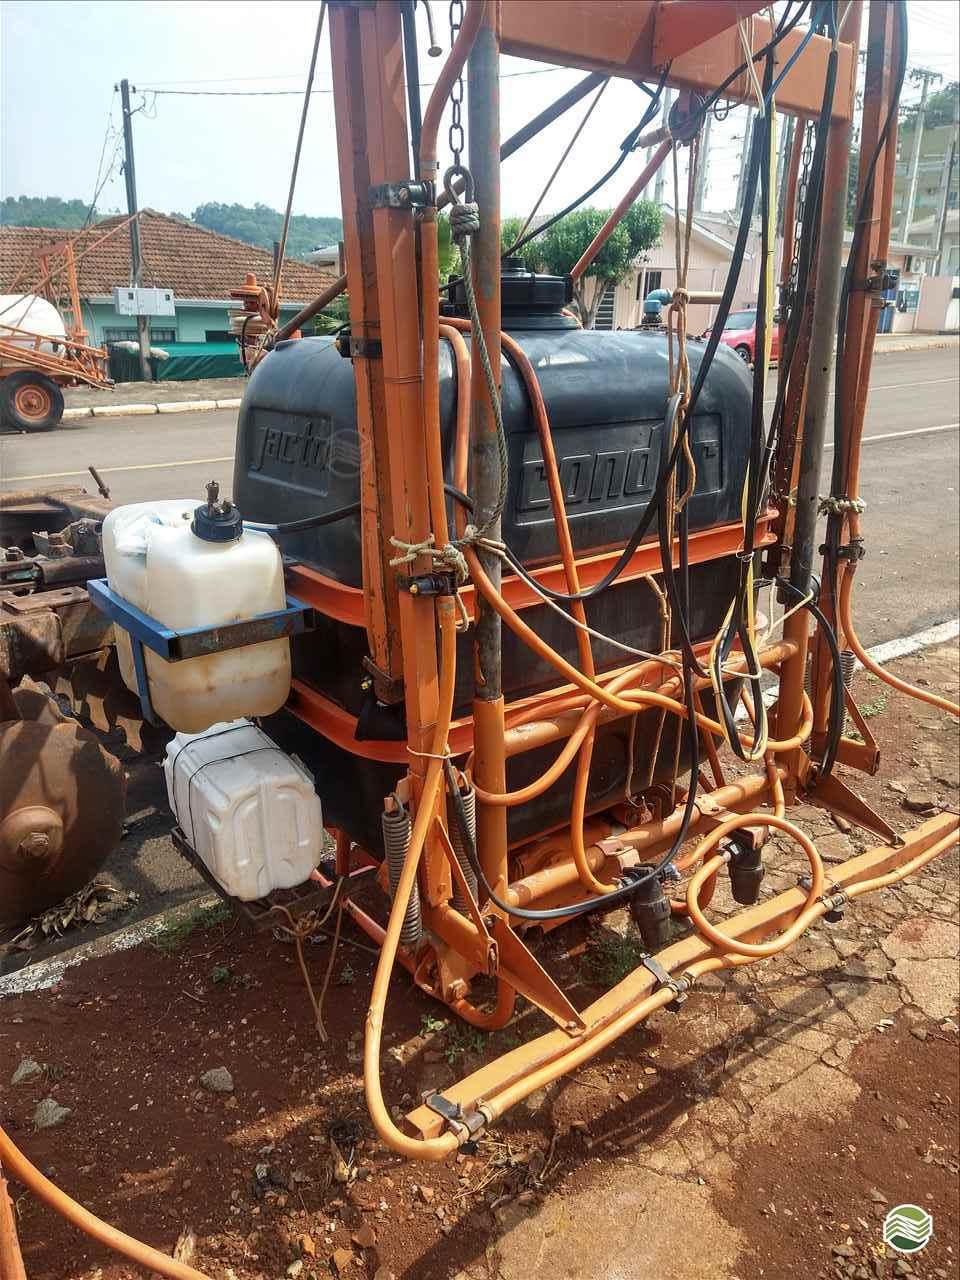 CONDOR 600 M12 de P. M. Muller Maquinas e Implementos Agrícolas - SALTO DO LONTRA/PR